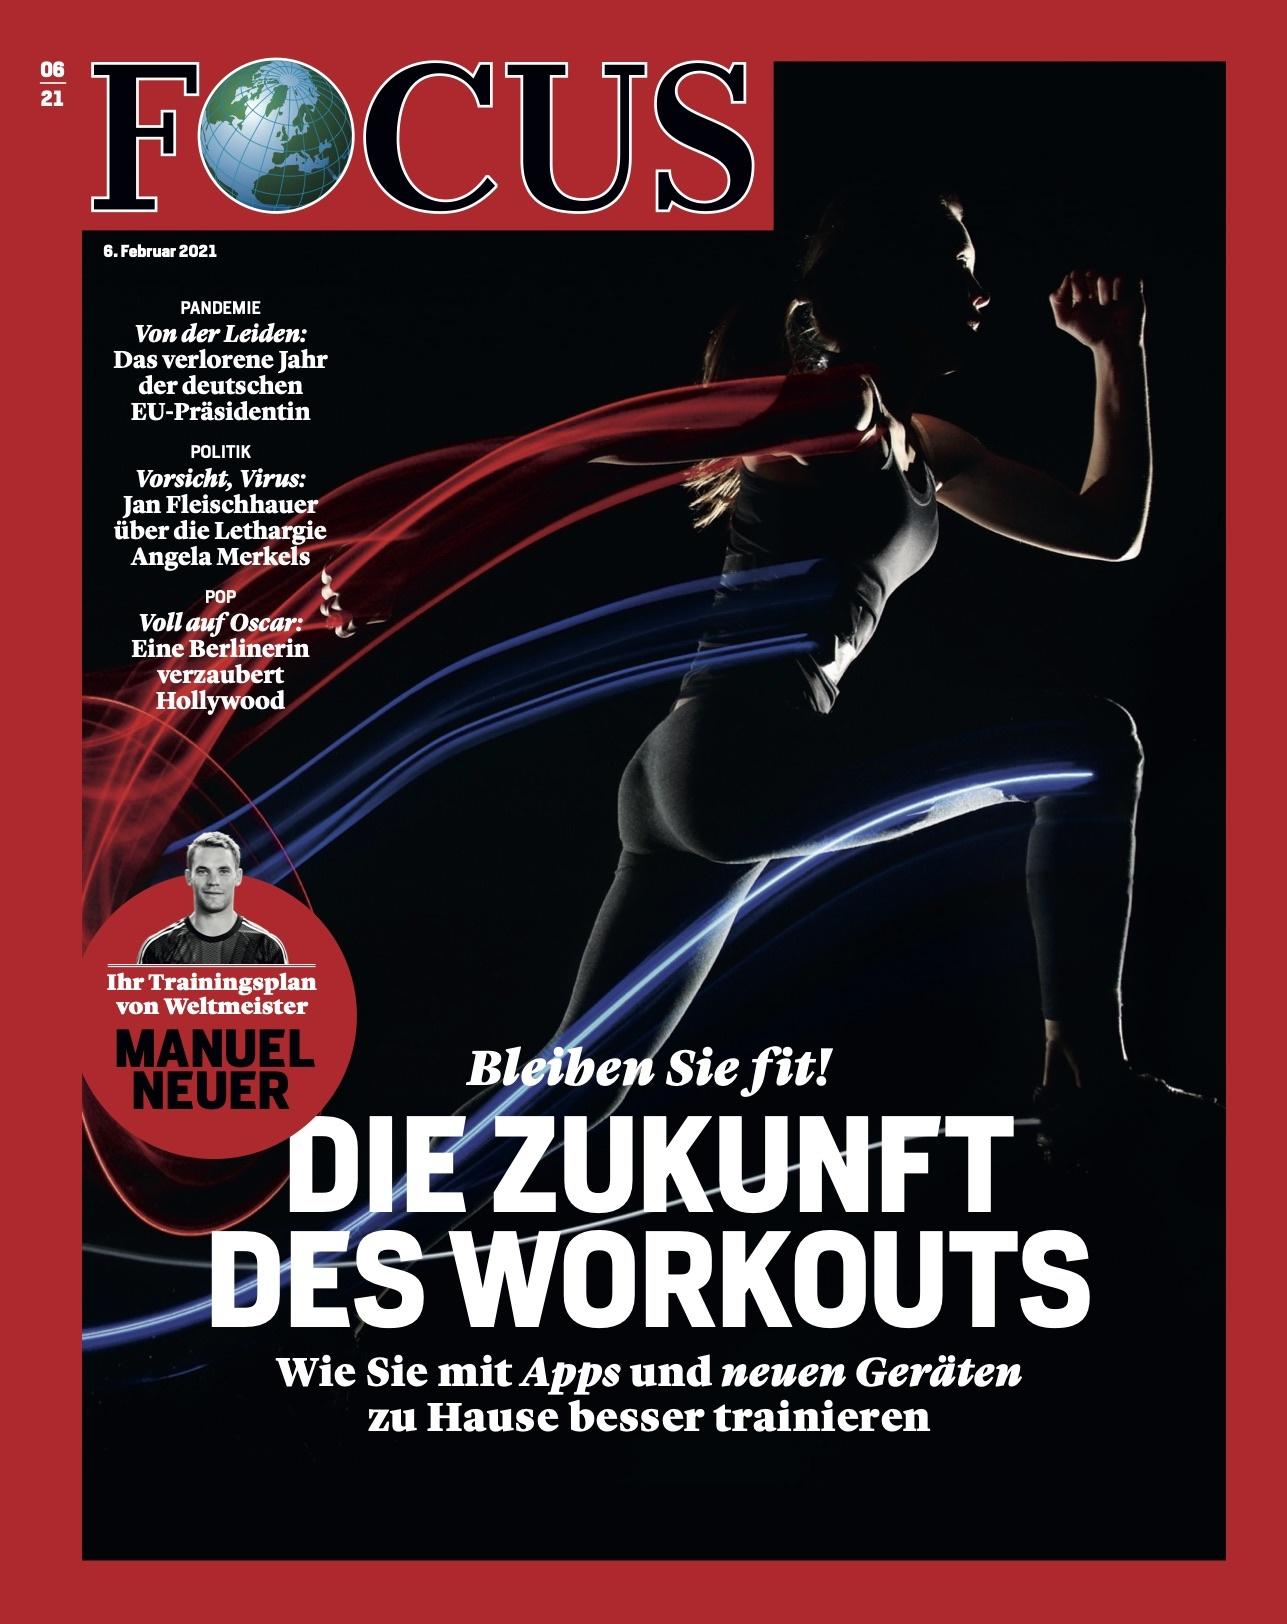 FOCUS Magazin FOCUS Magazin - Die Zukunft des Workouts